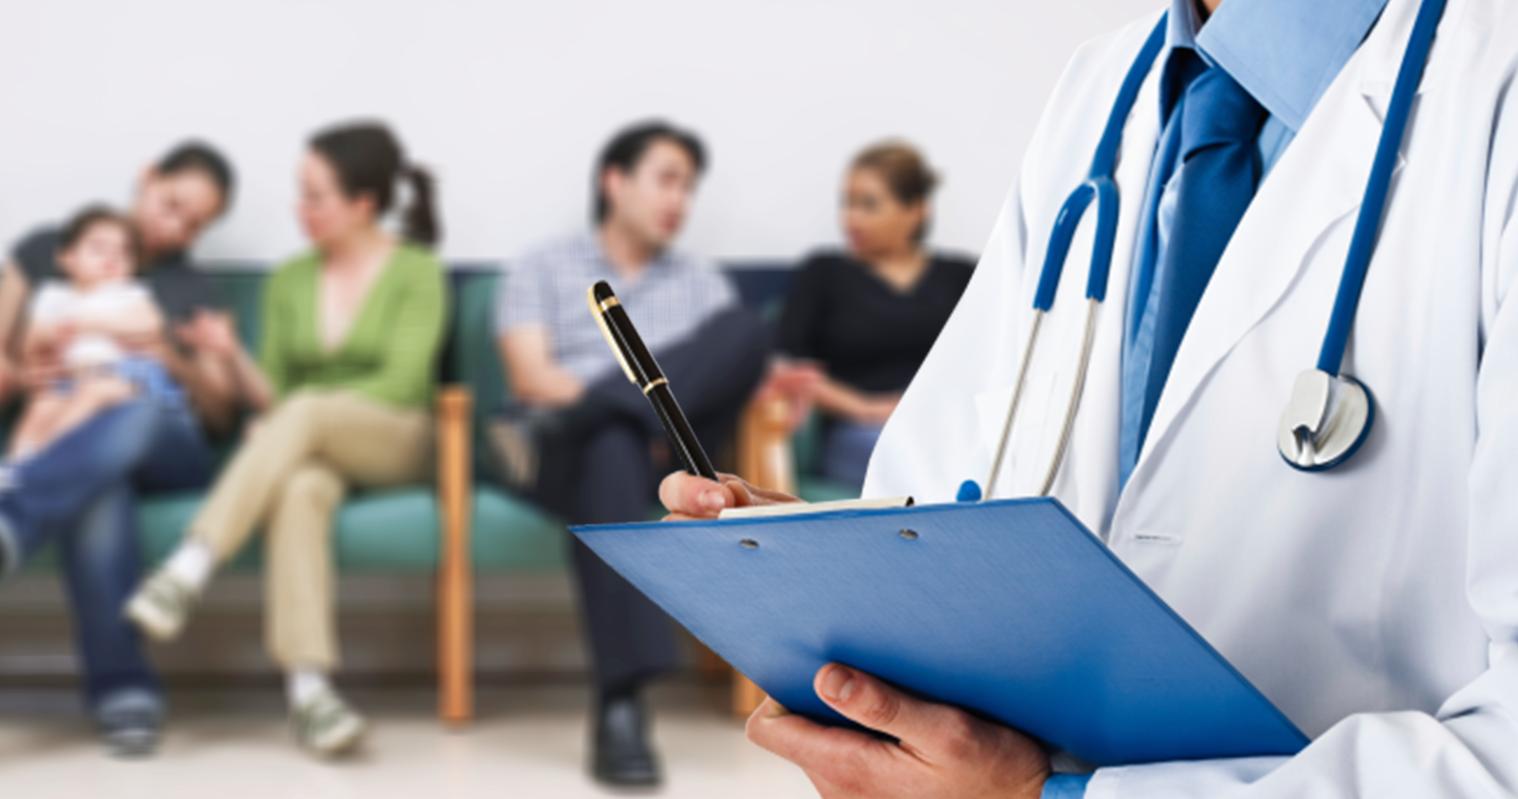 reduzir o tempo de espera do paciente